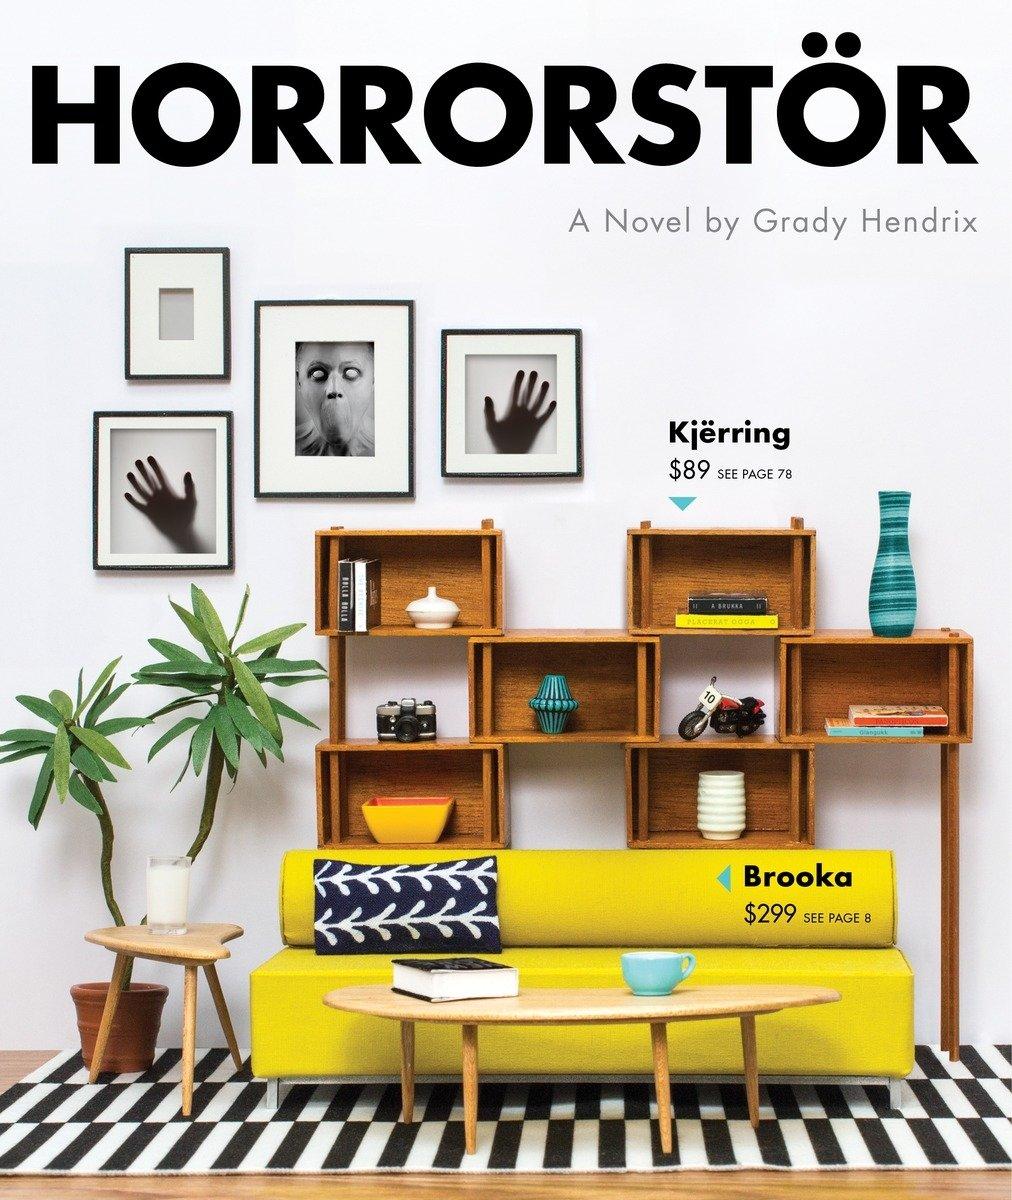 horrorstor-a-novel